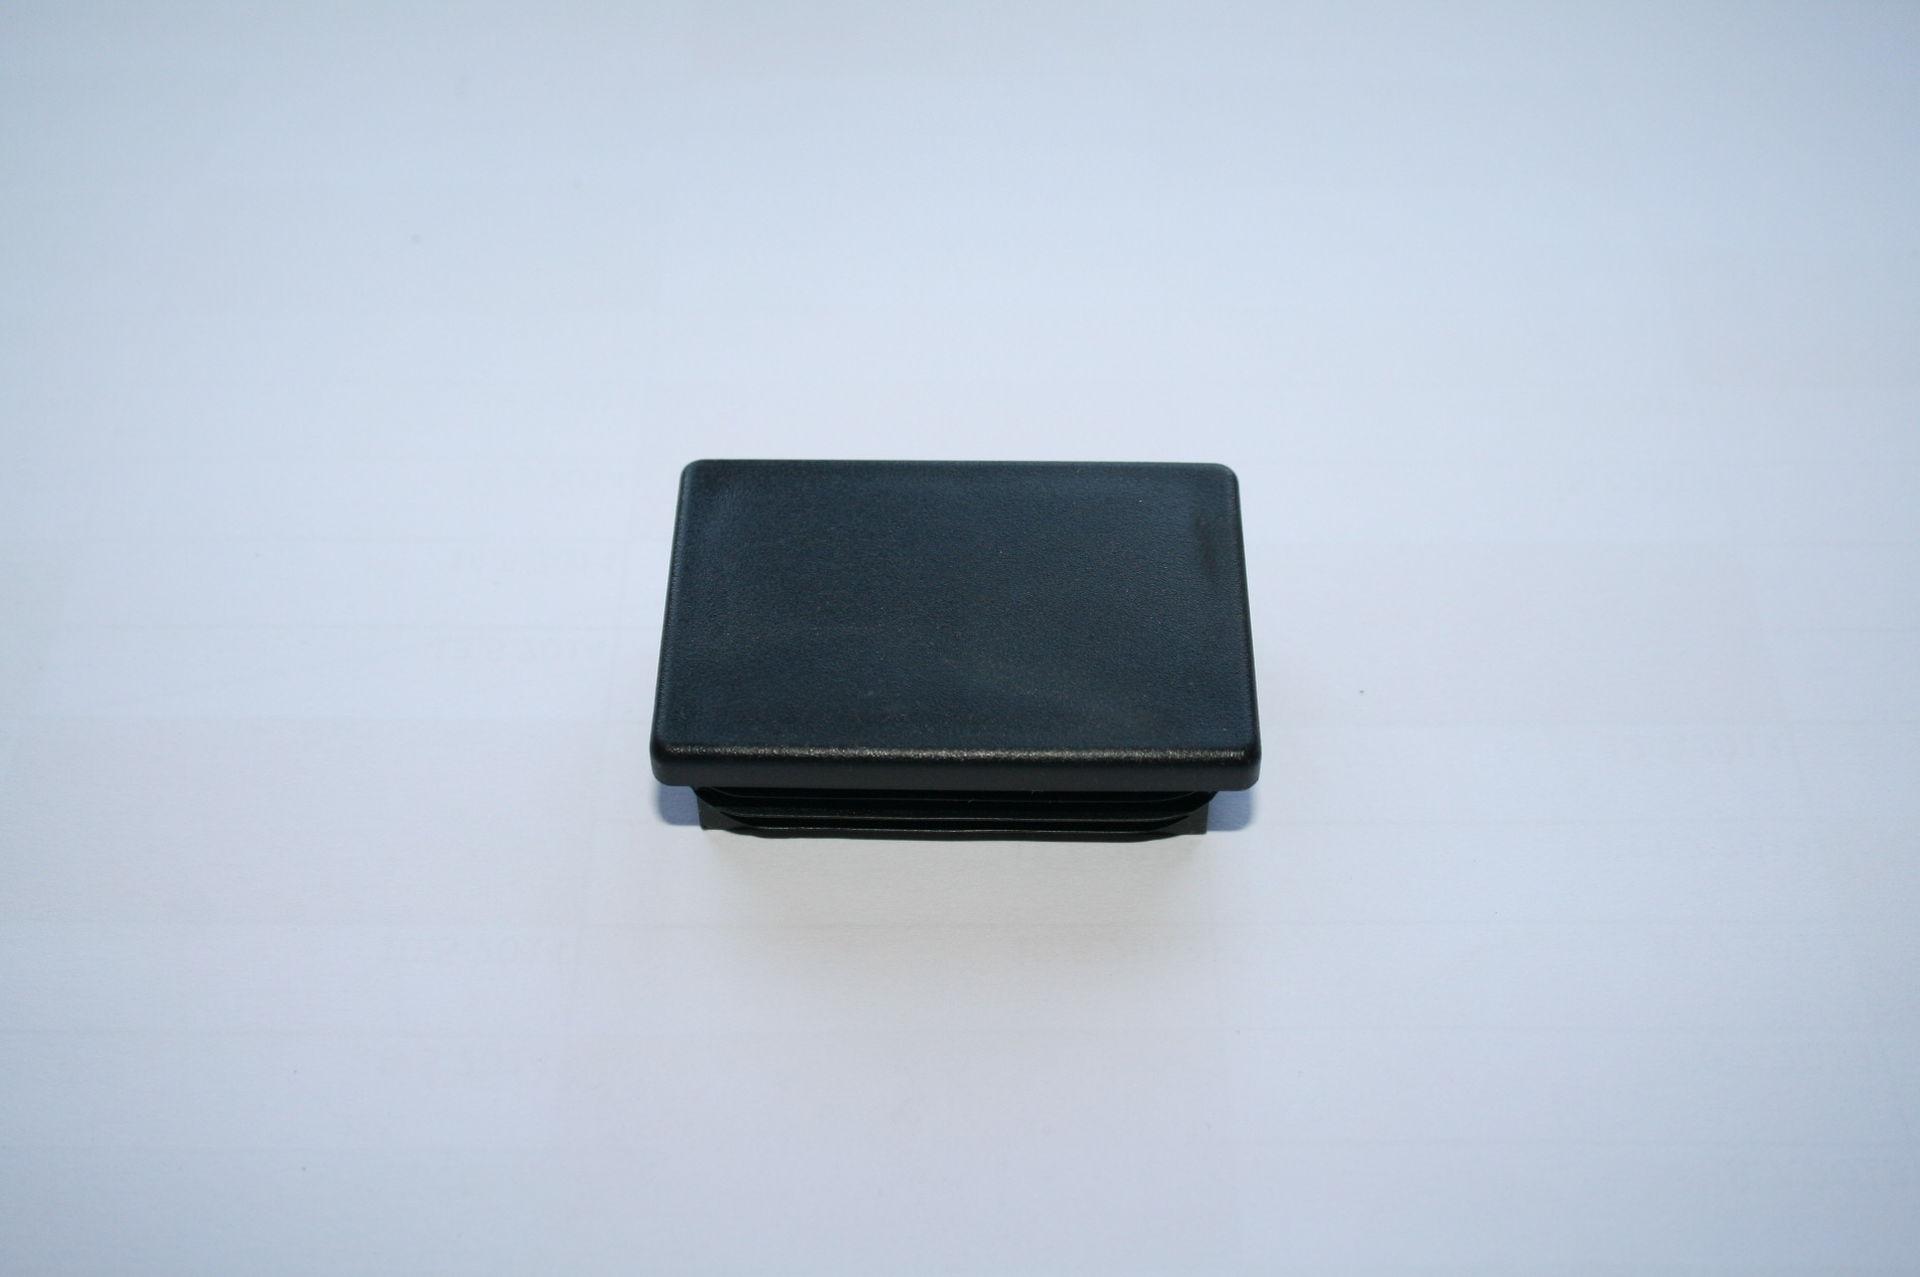 Záslepka černá 60x40 mm